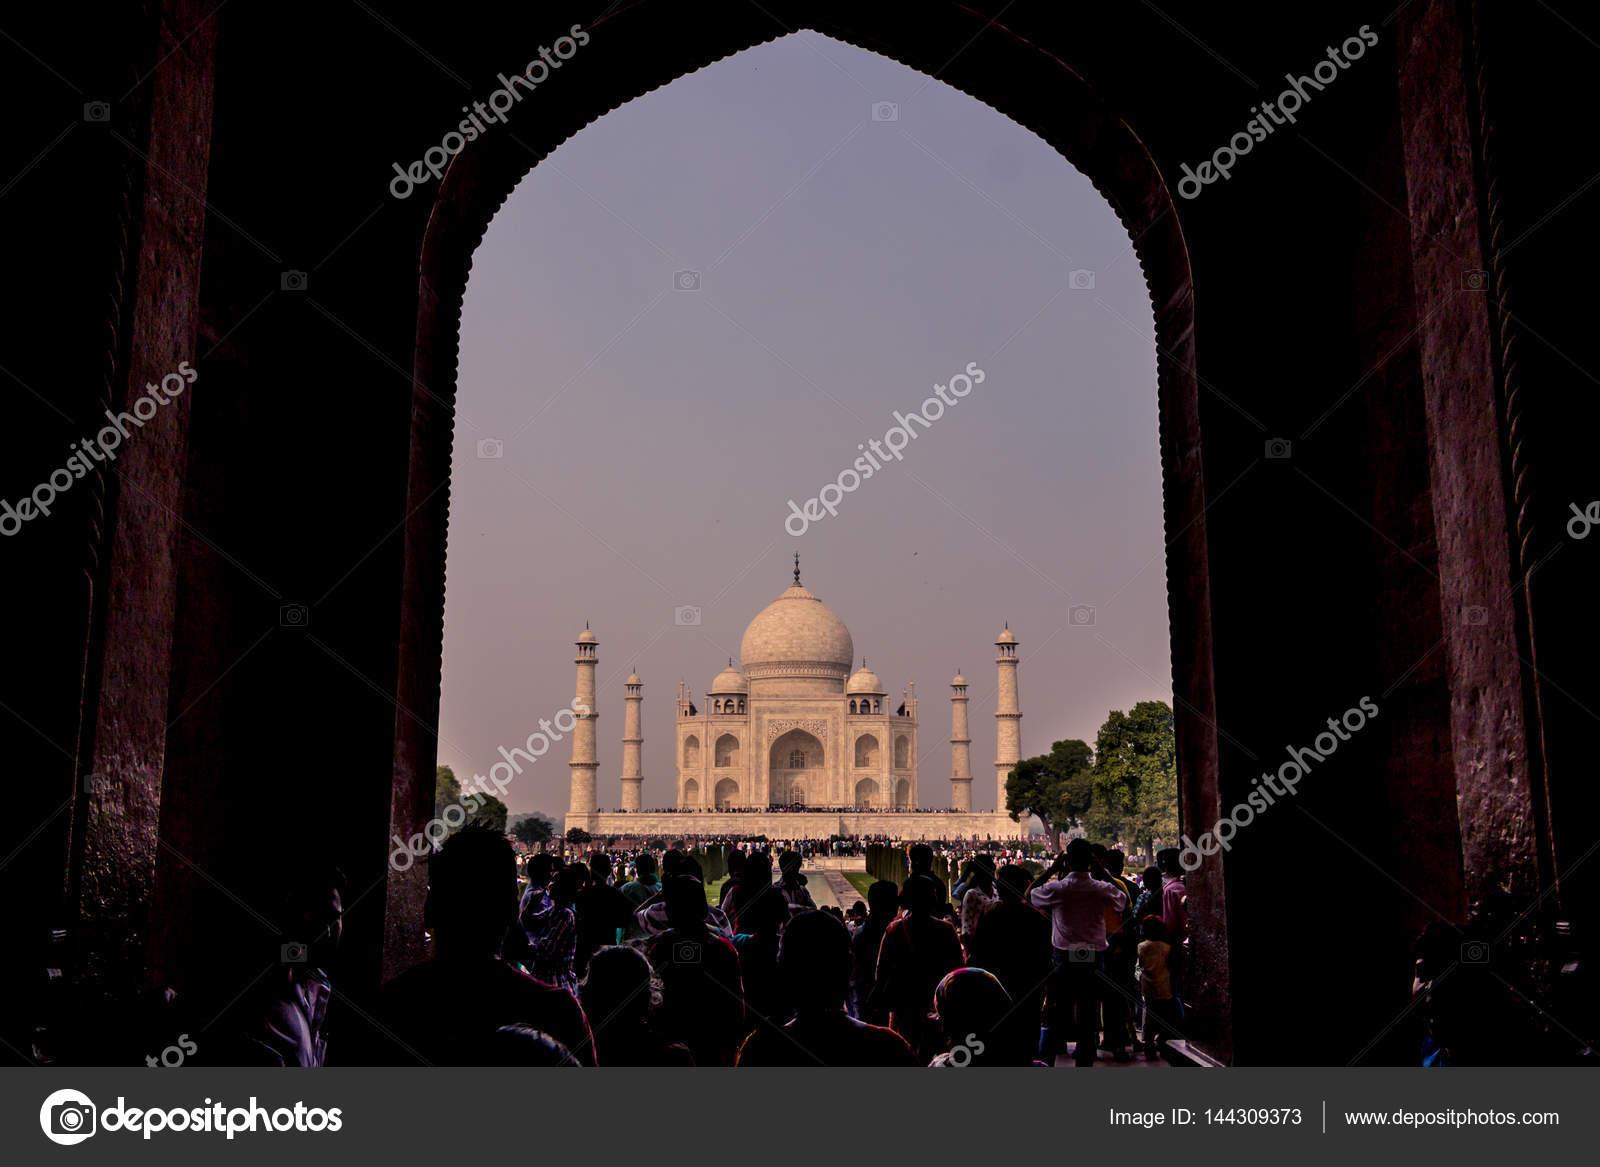 2. November 2014: Torbogen Eingang zum Taj Mahal in Agra, Indien ...